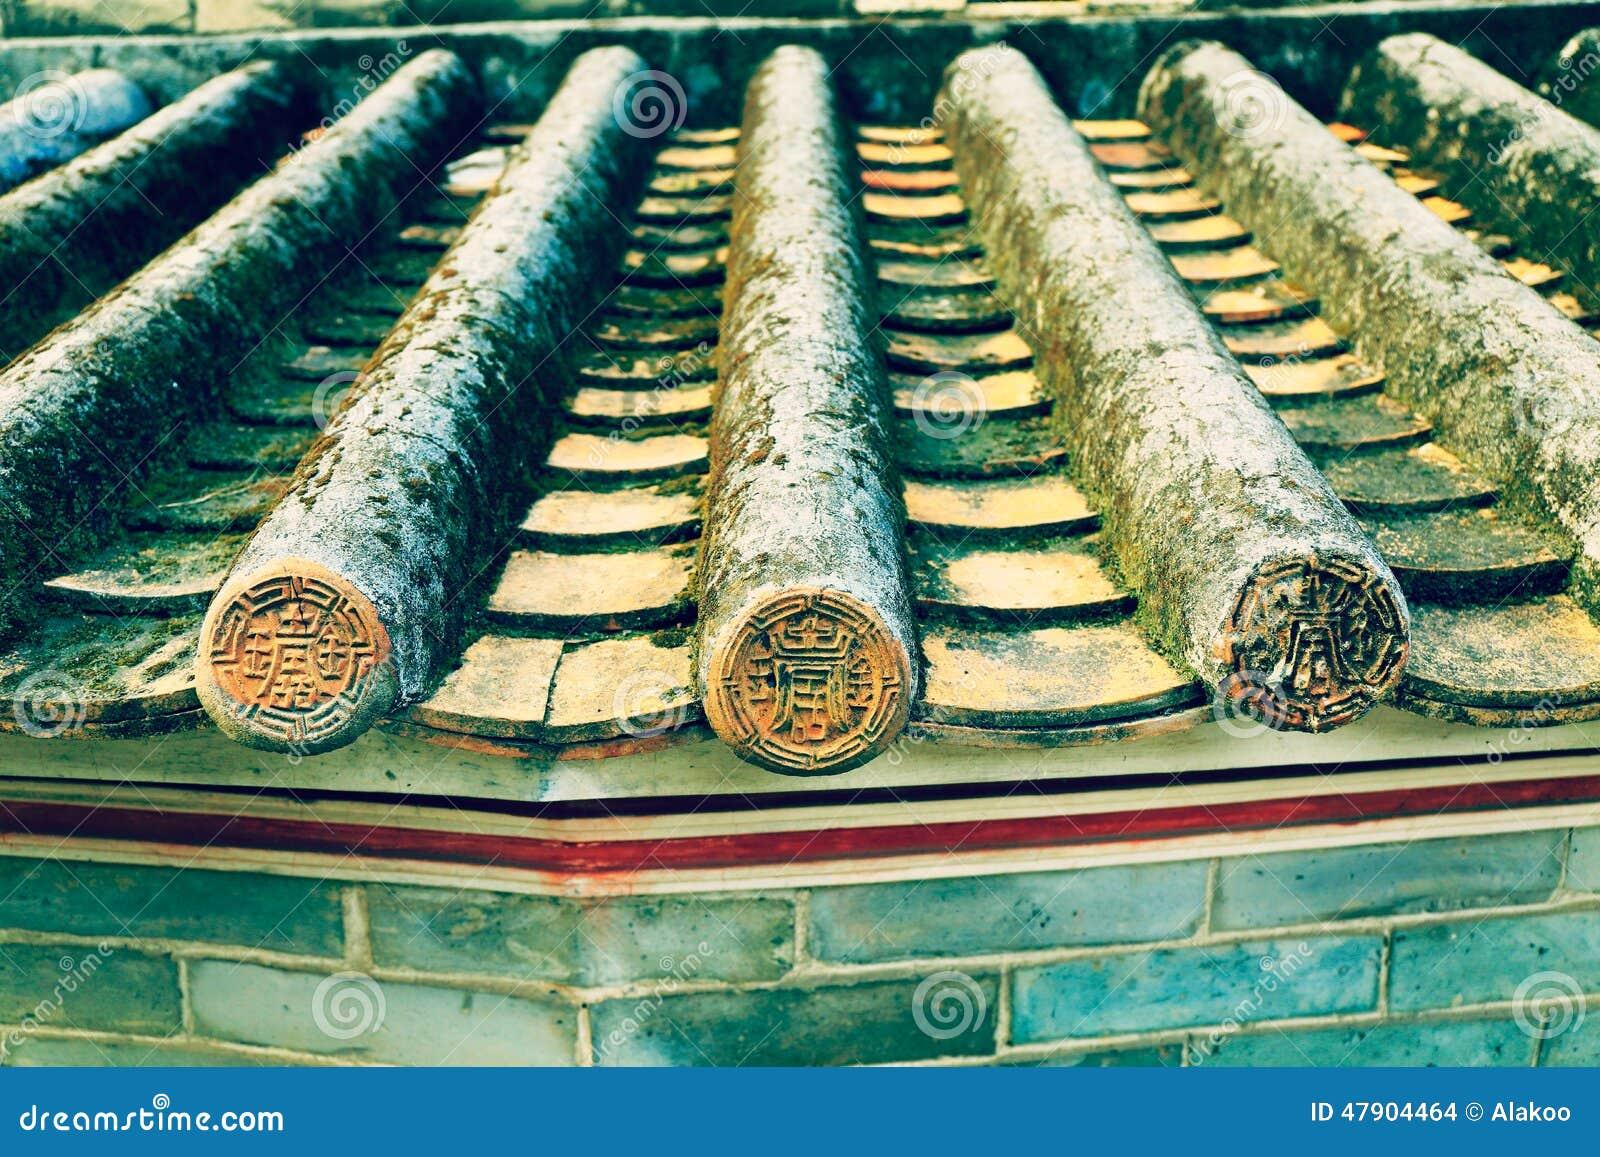 Klasyczny kafelkowy dach w Chiny, stary tradycyjni chińskie dach z płytkami